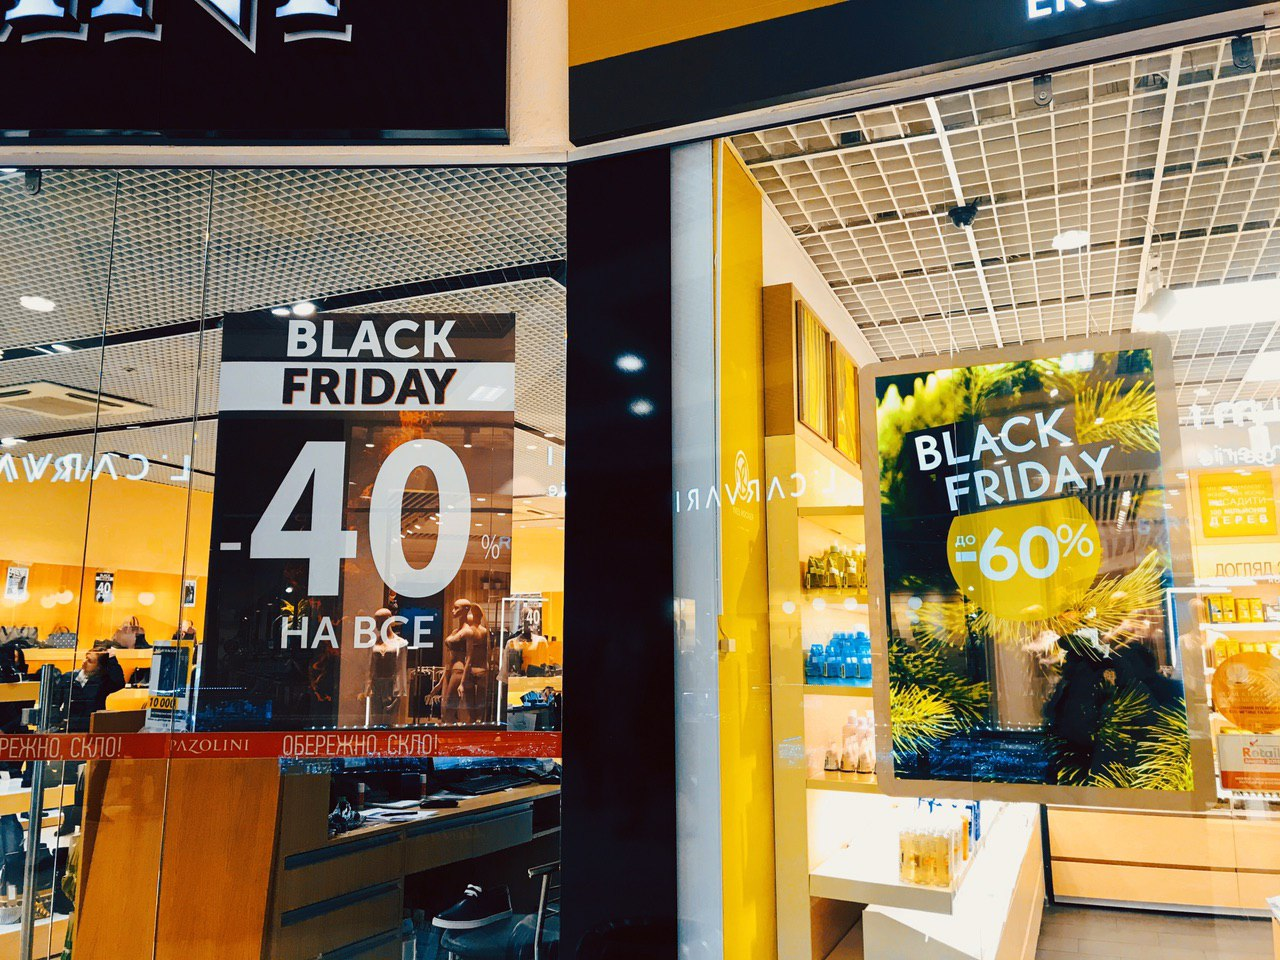 магазин, витрина, черная пятница